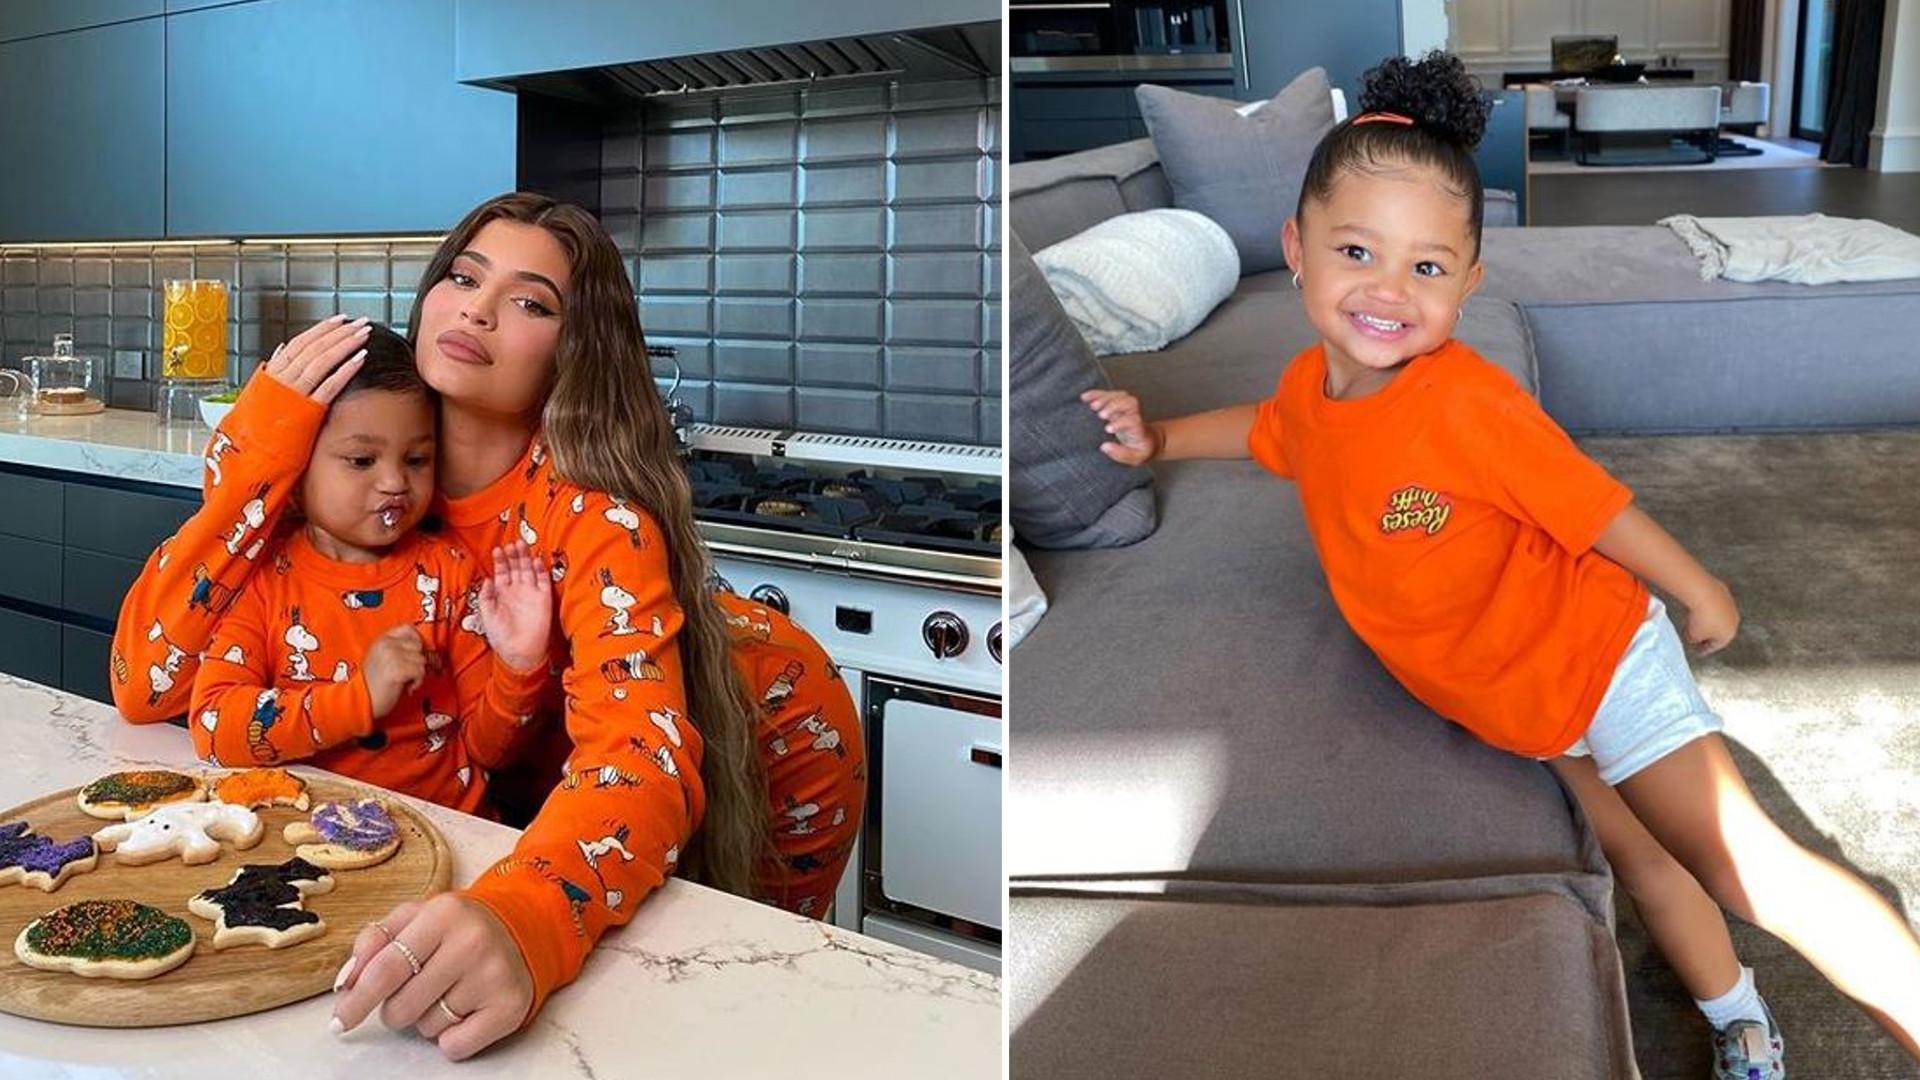 Kylie Jenner piecze ciastka z córką. Fani są zachwyceni zachowaniem małej Stormi